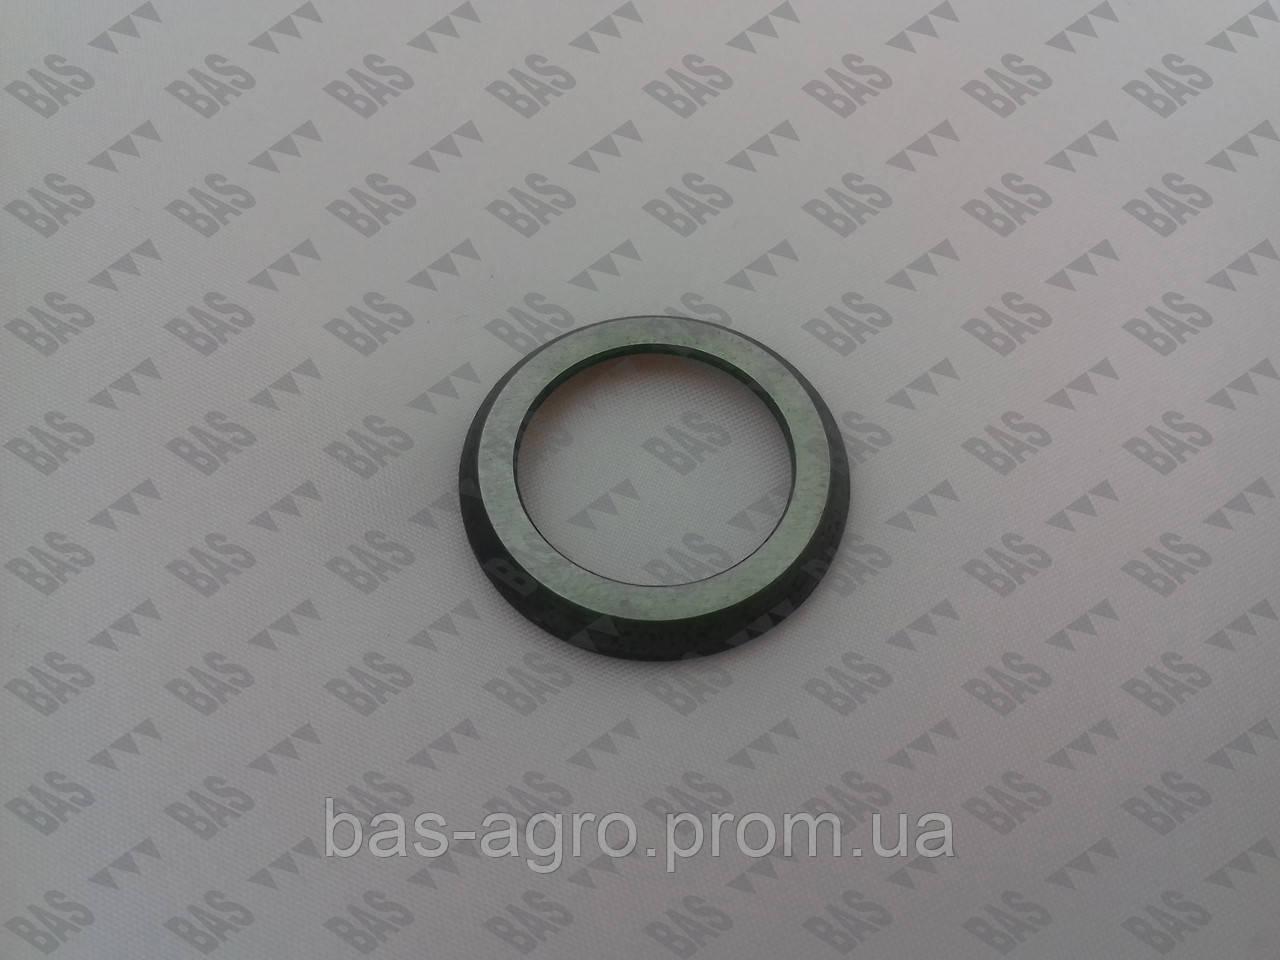 Кольцо уплотняющее Geringhoff 501106 аналог